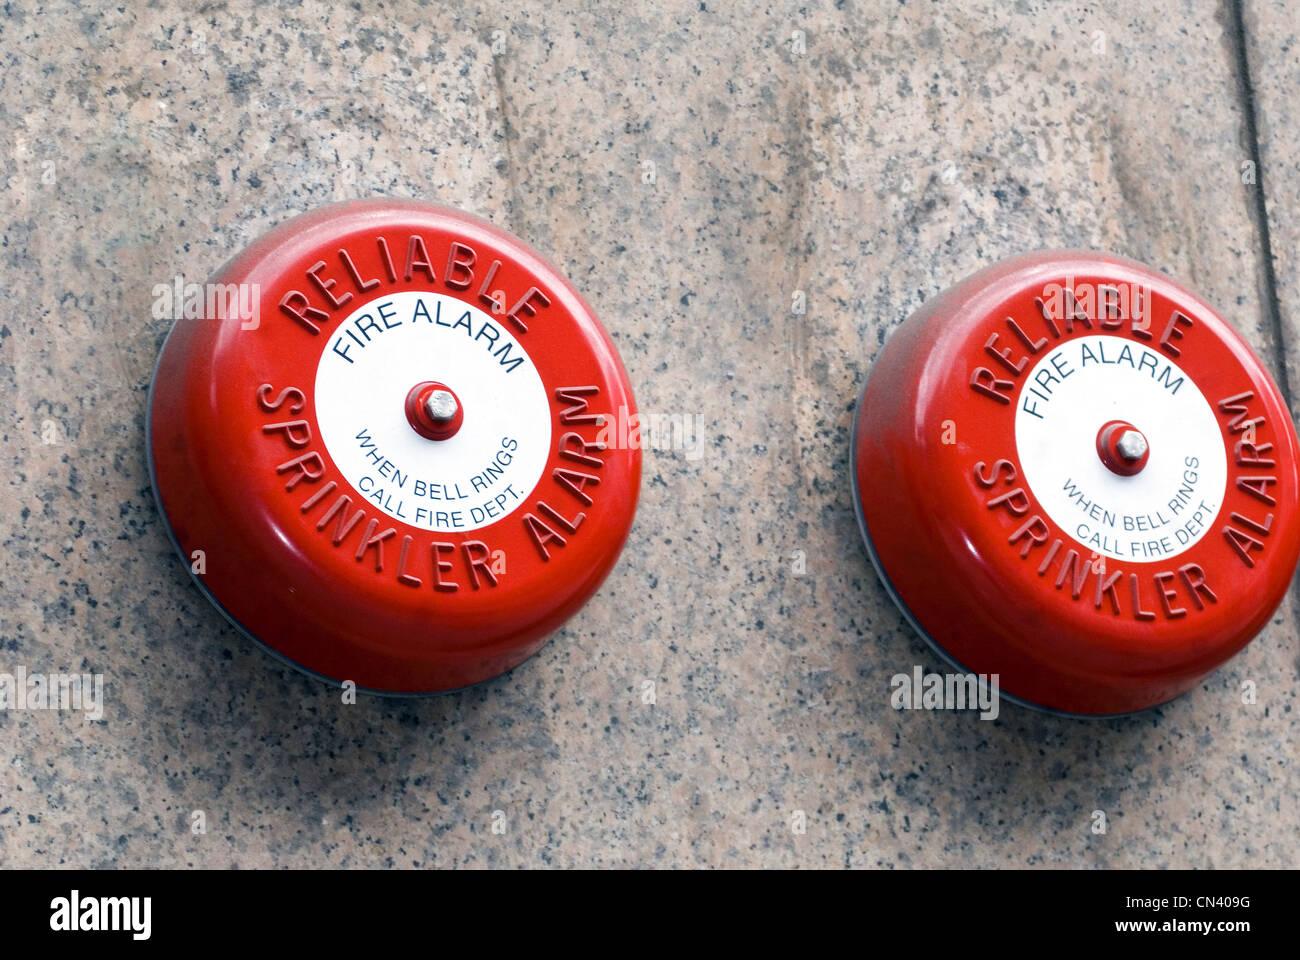 Old Sprinkler Alarm - Stock Image